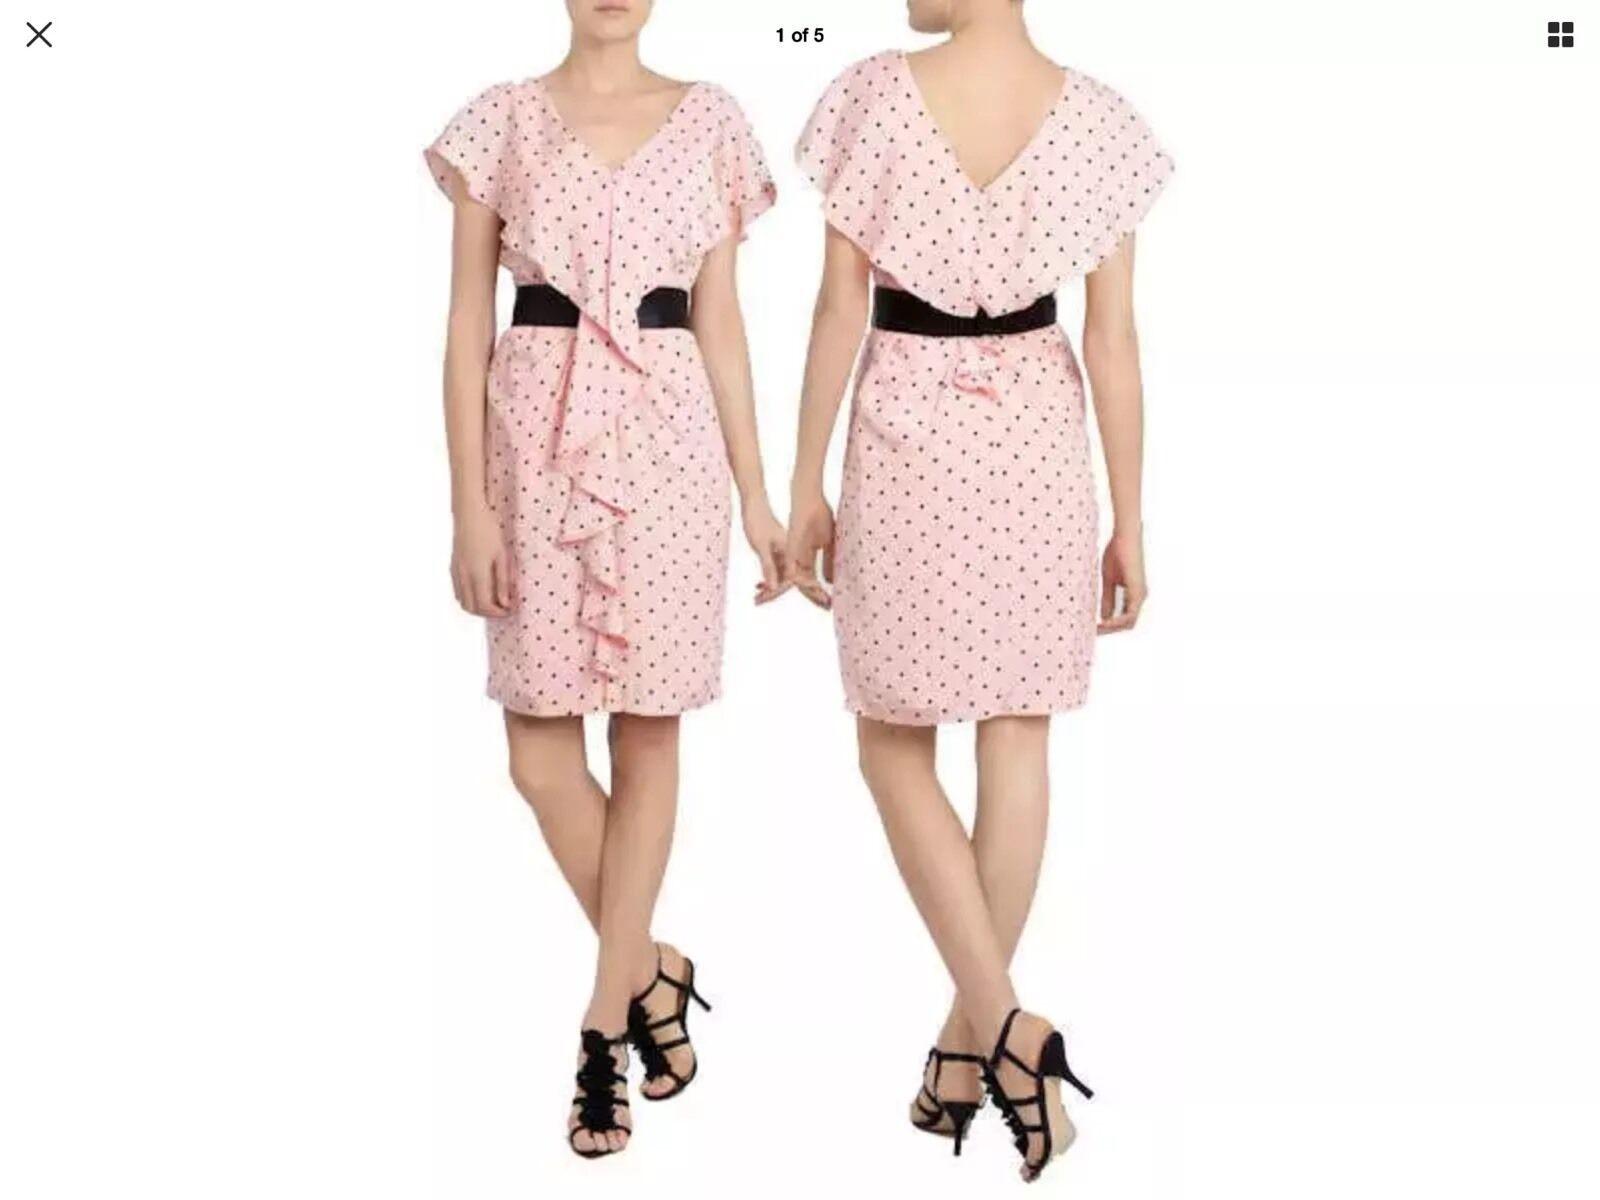 Coast Amelia Pois Peach Dress Dress Dress EU 40 US 8 Nuove  (A1) 5513c0